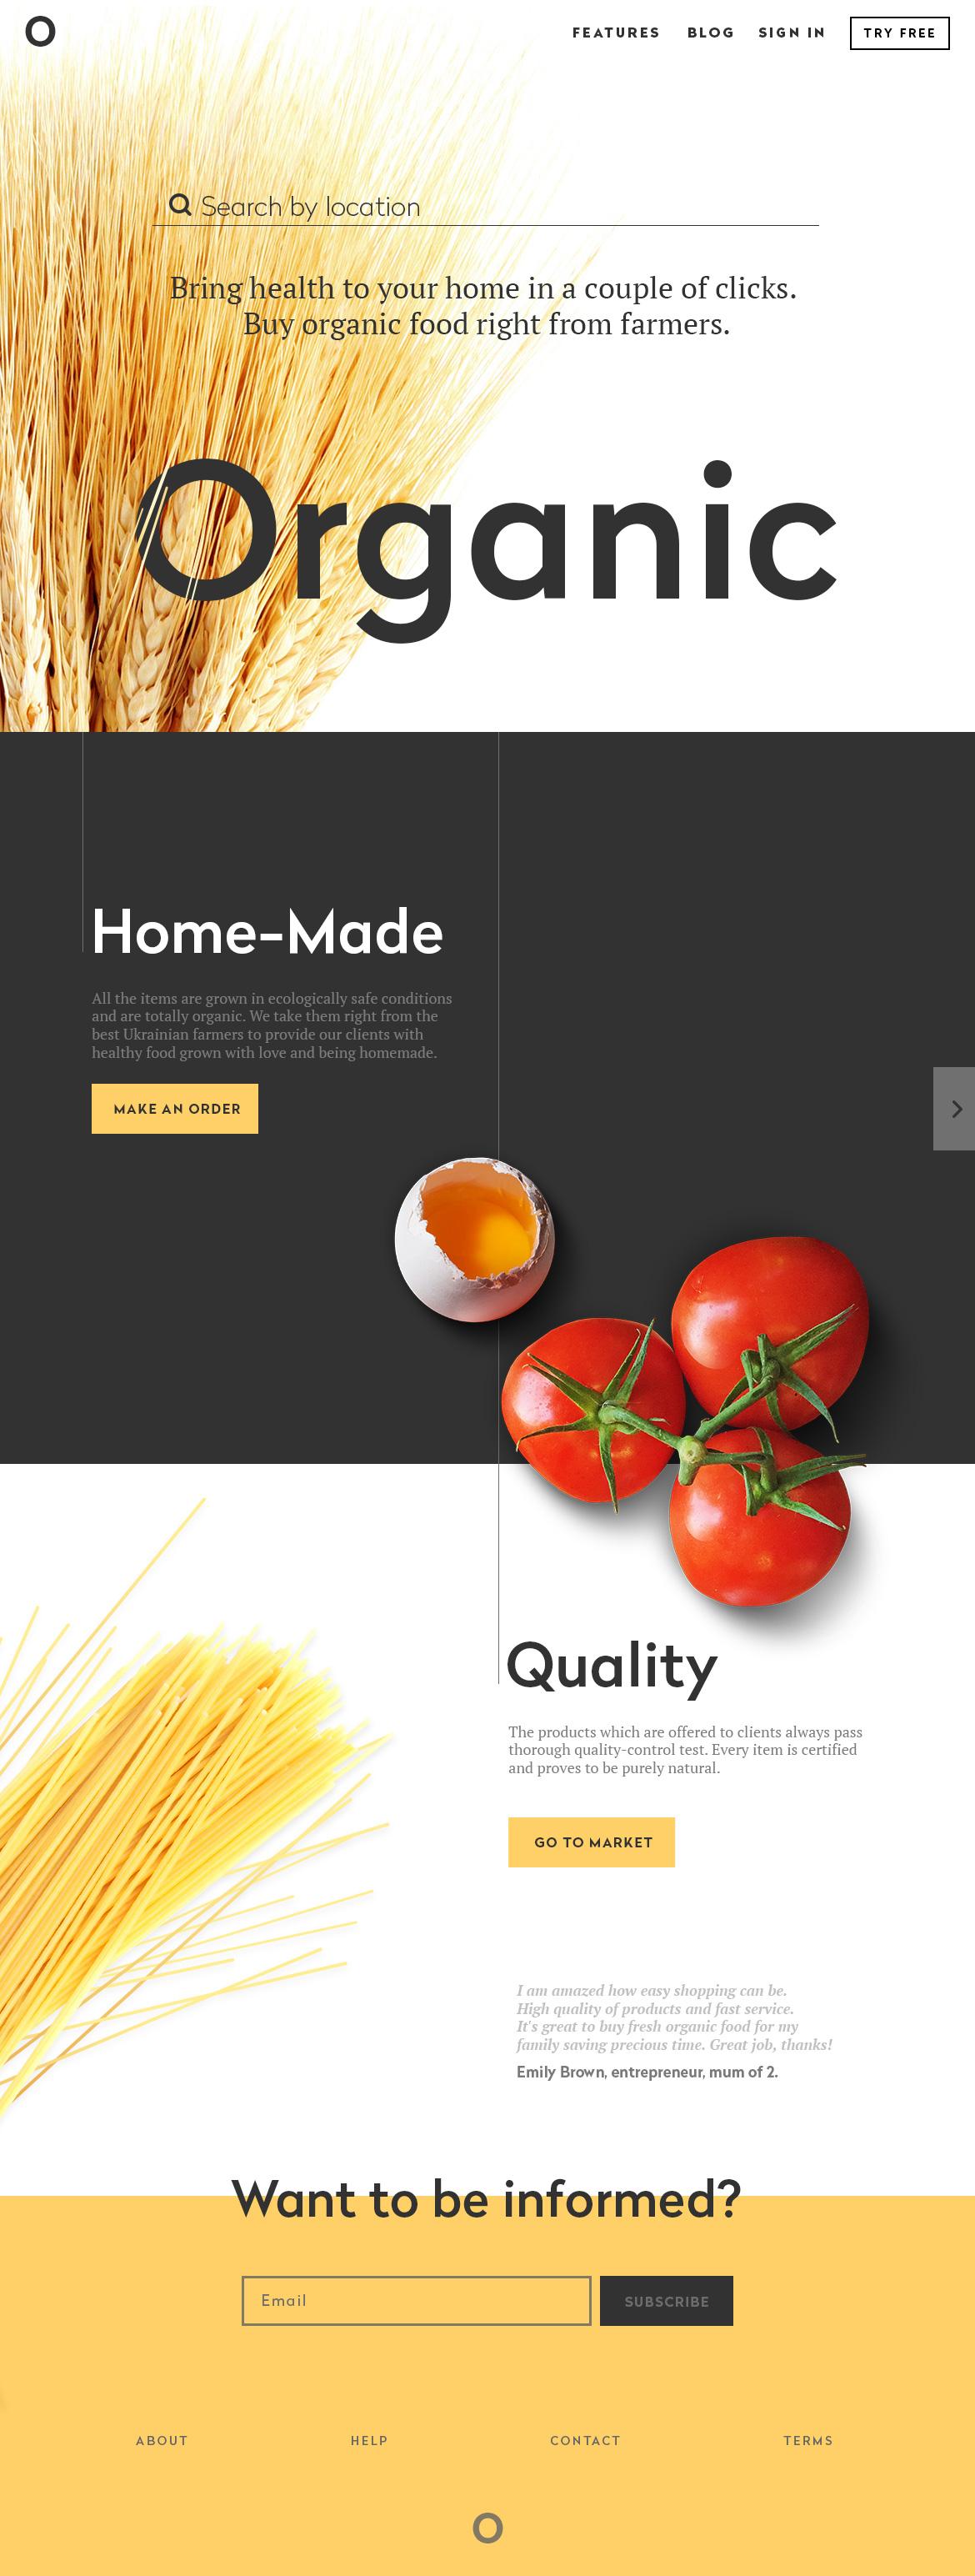 web design landing page UI